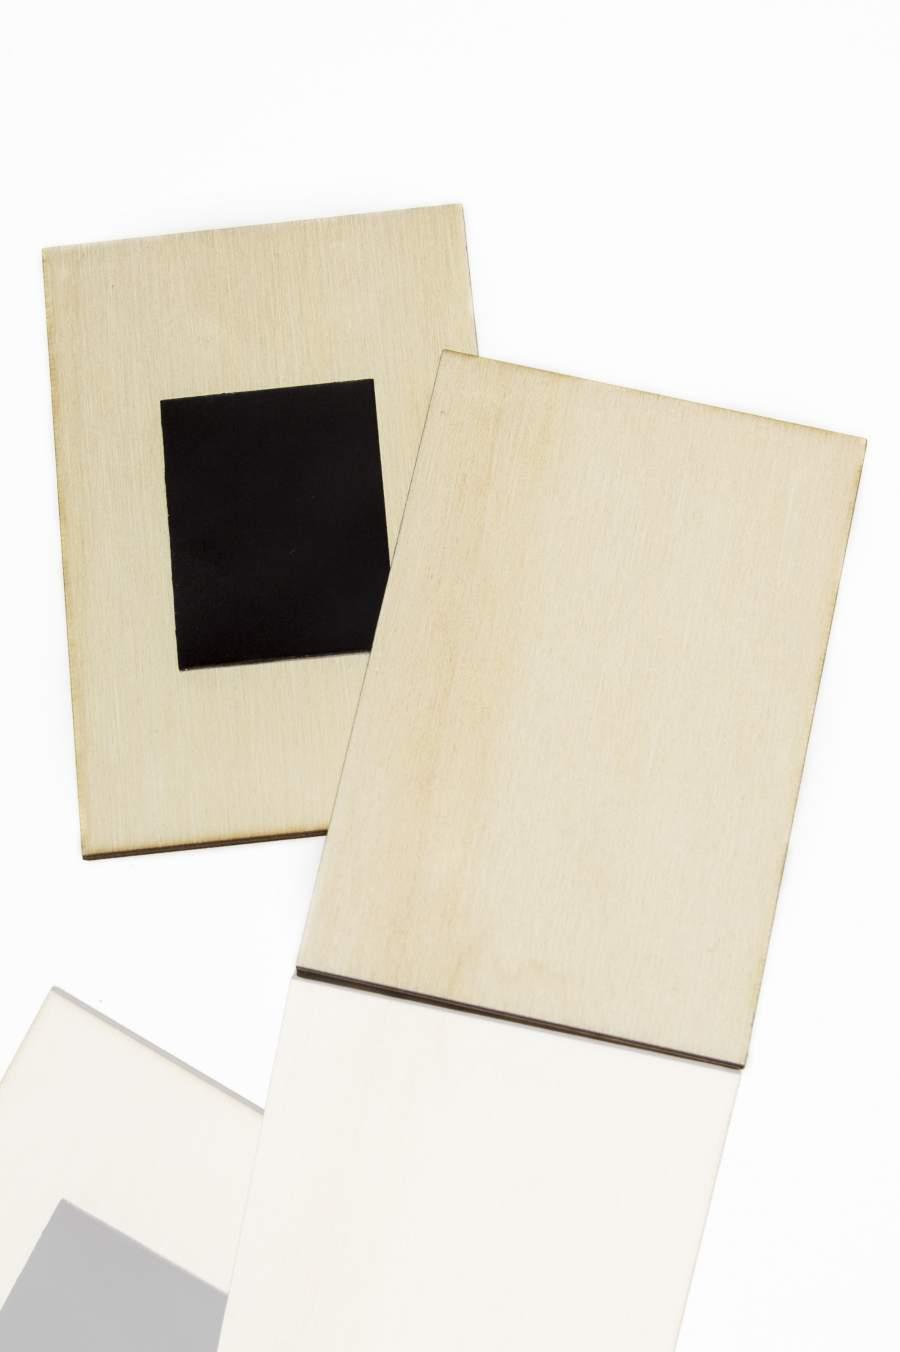 102.1 Placă din lemn pentru magnet frigider, felie dreptunghiulară 60x45mm